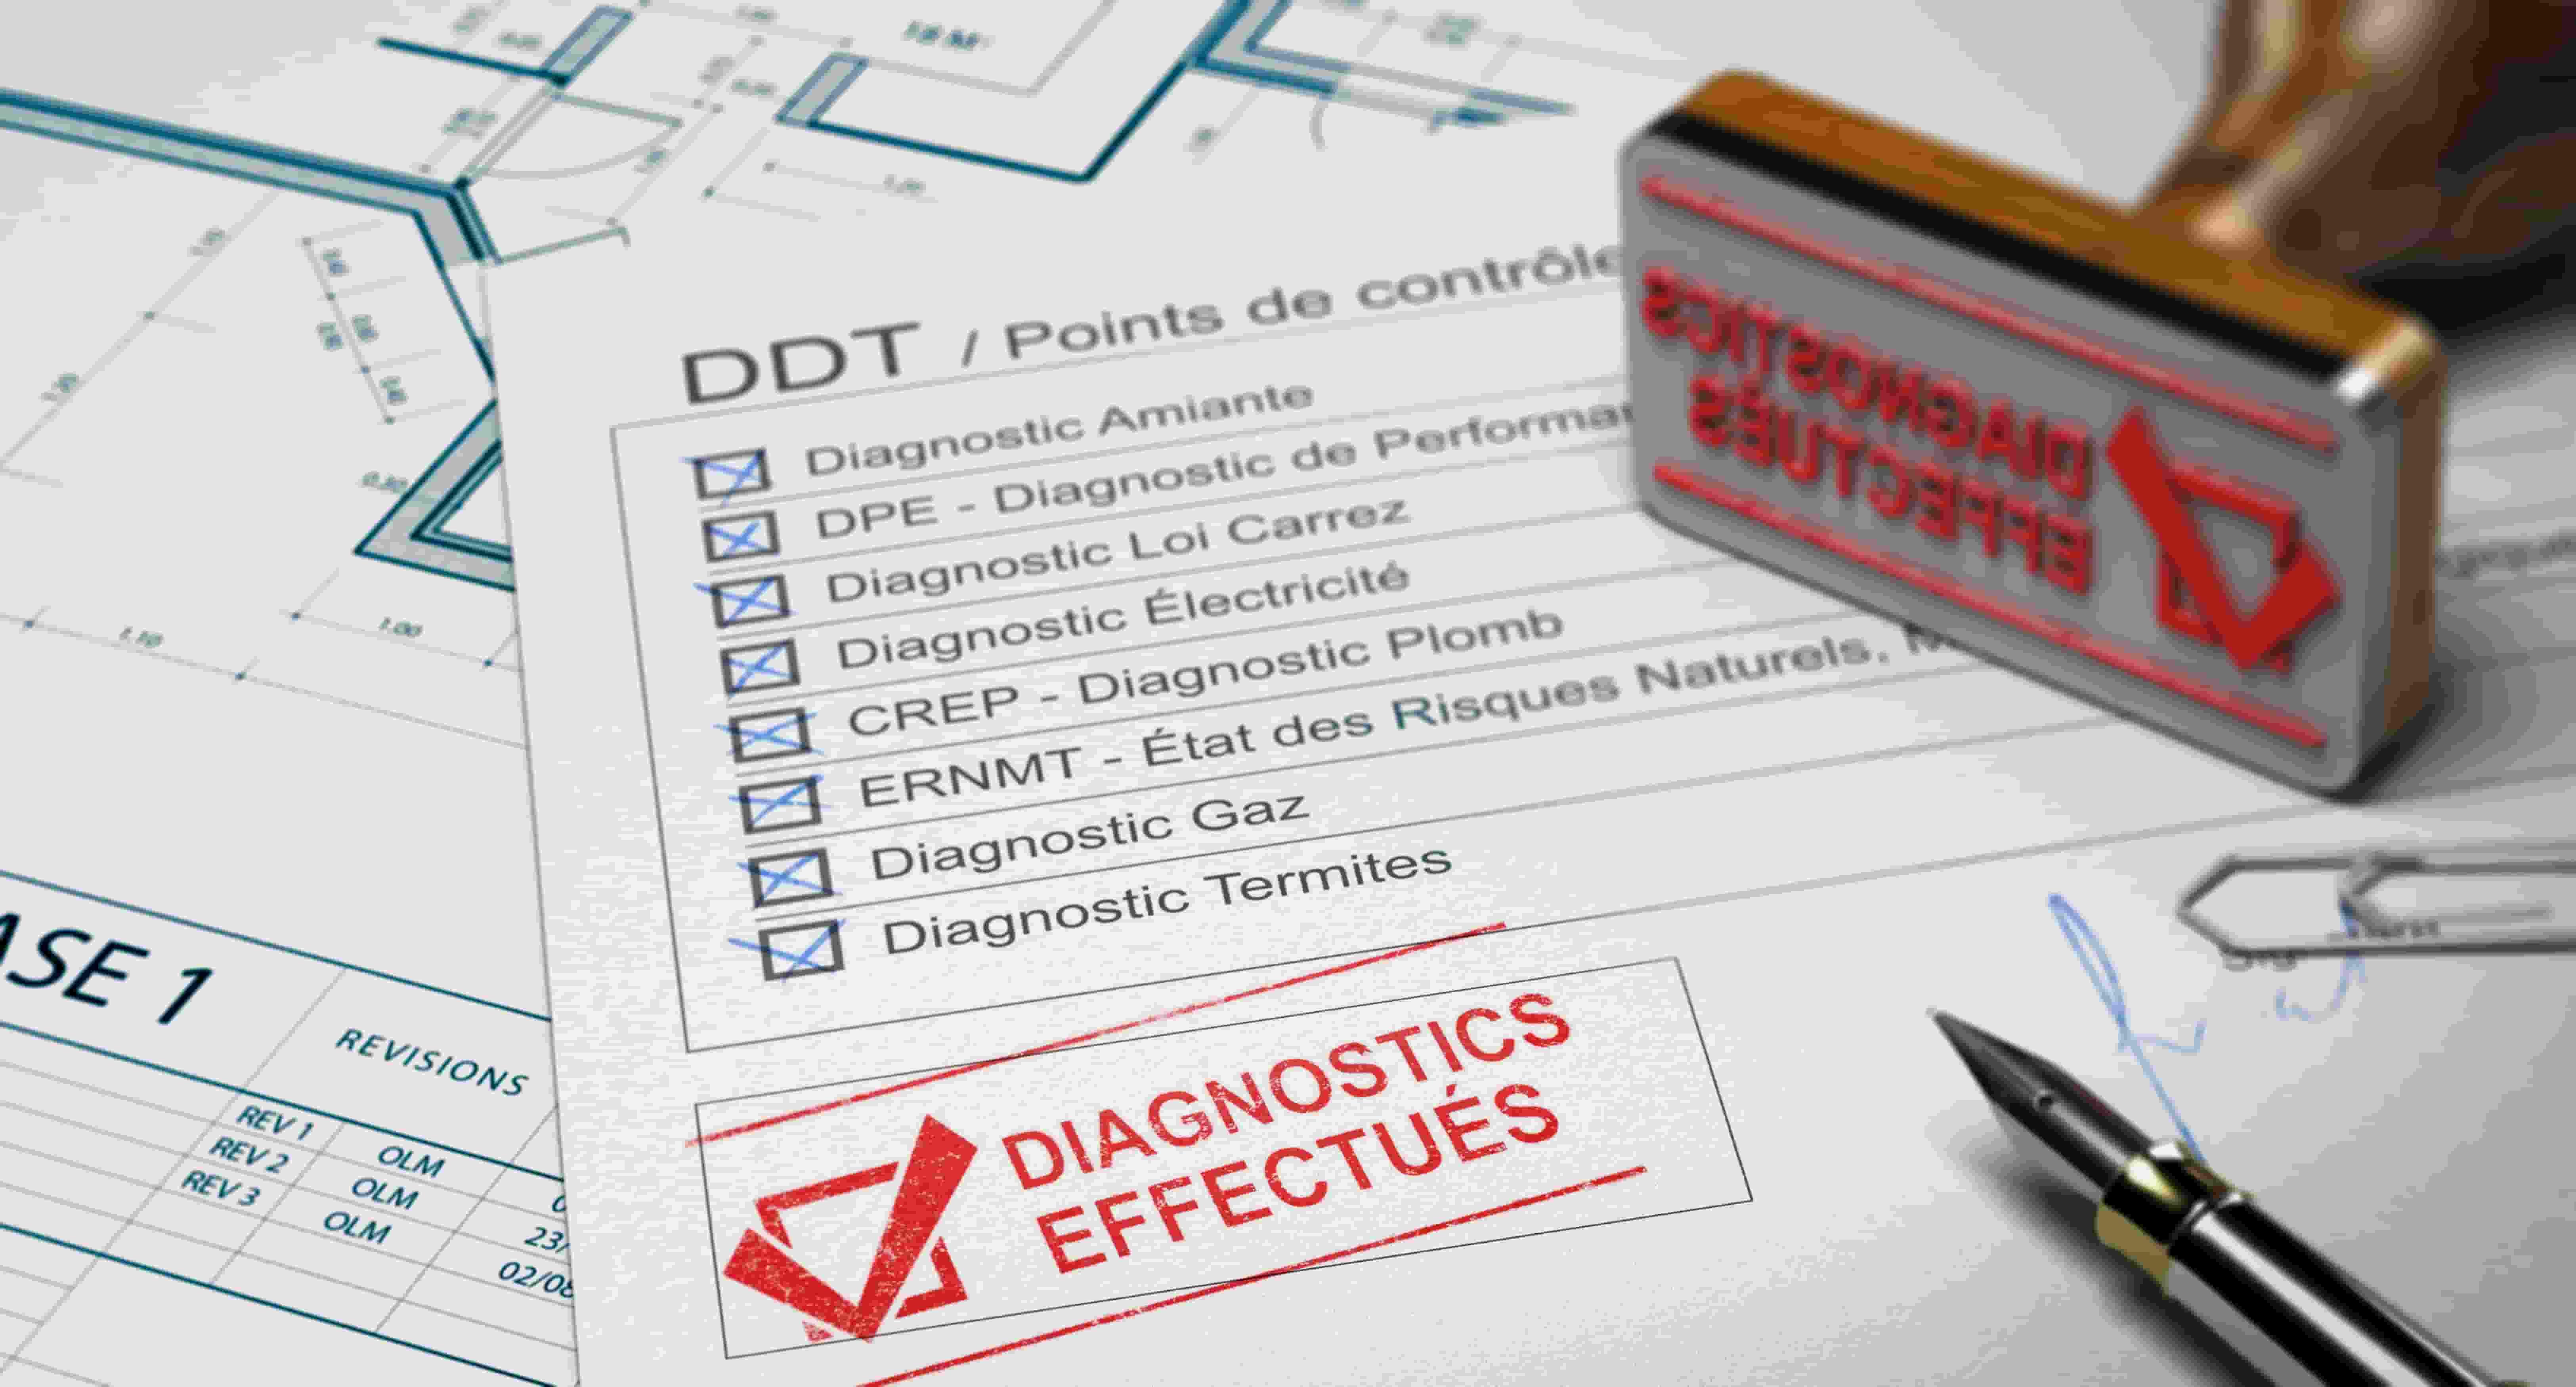 Dossier de diagnostic technique, certifiant que les diagnostics immobiliers sont bien effectués